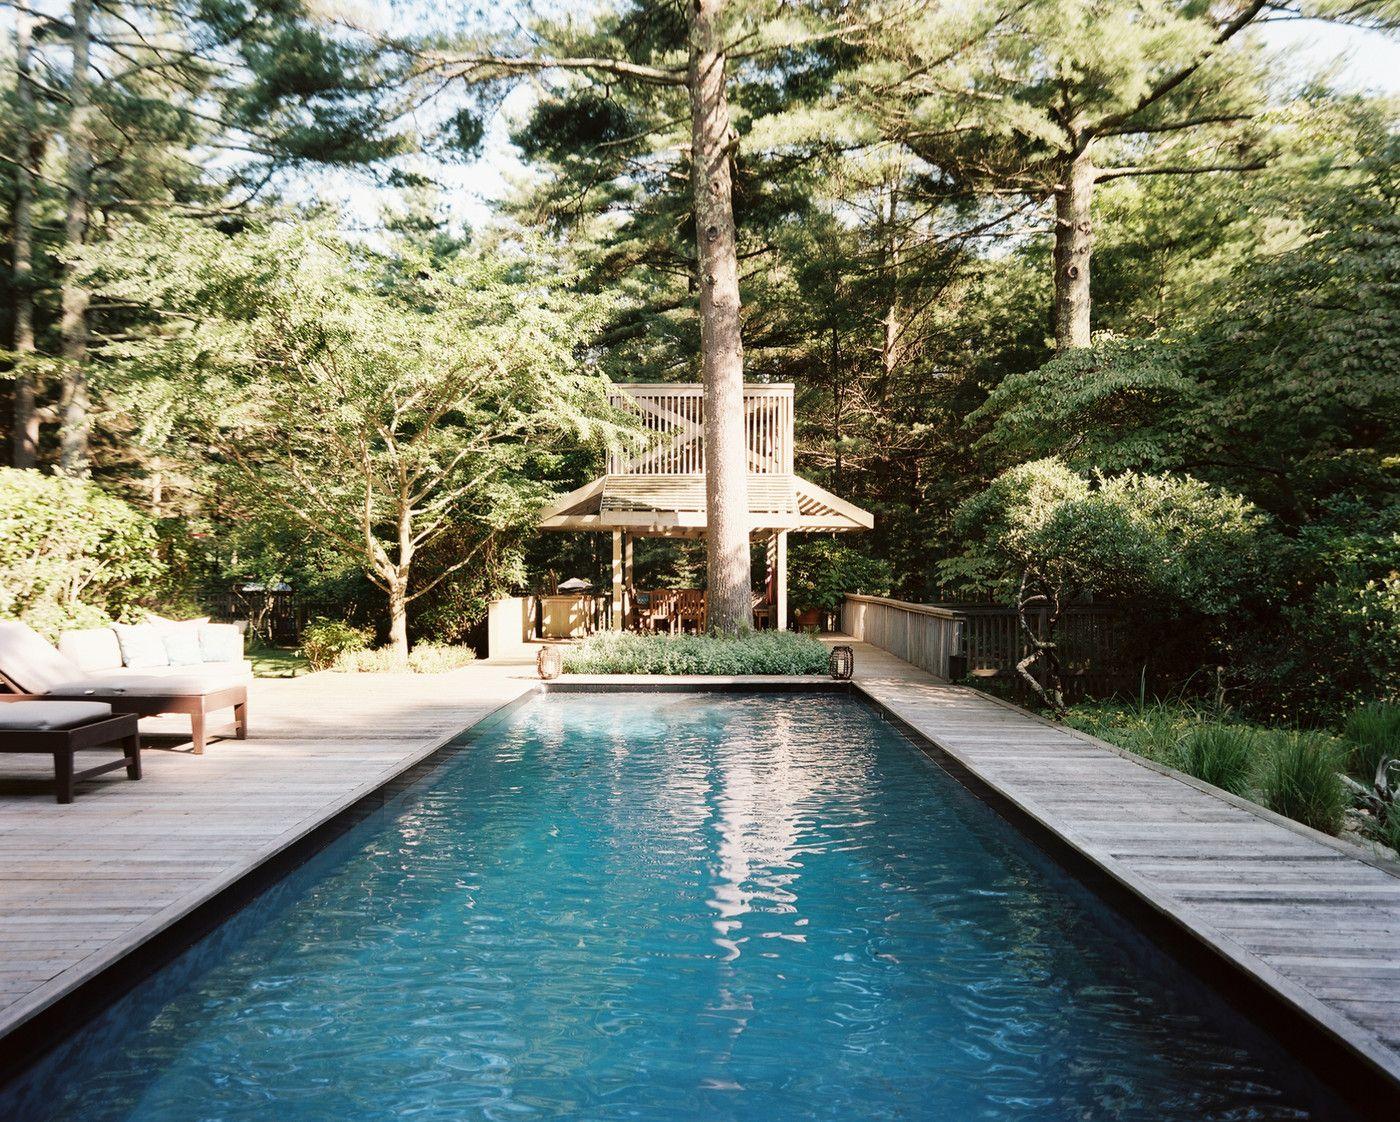 wood decking surrounding pool